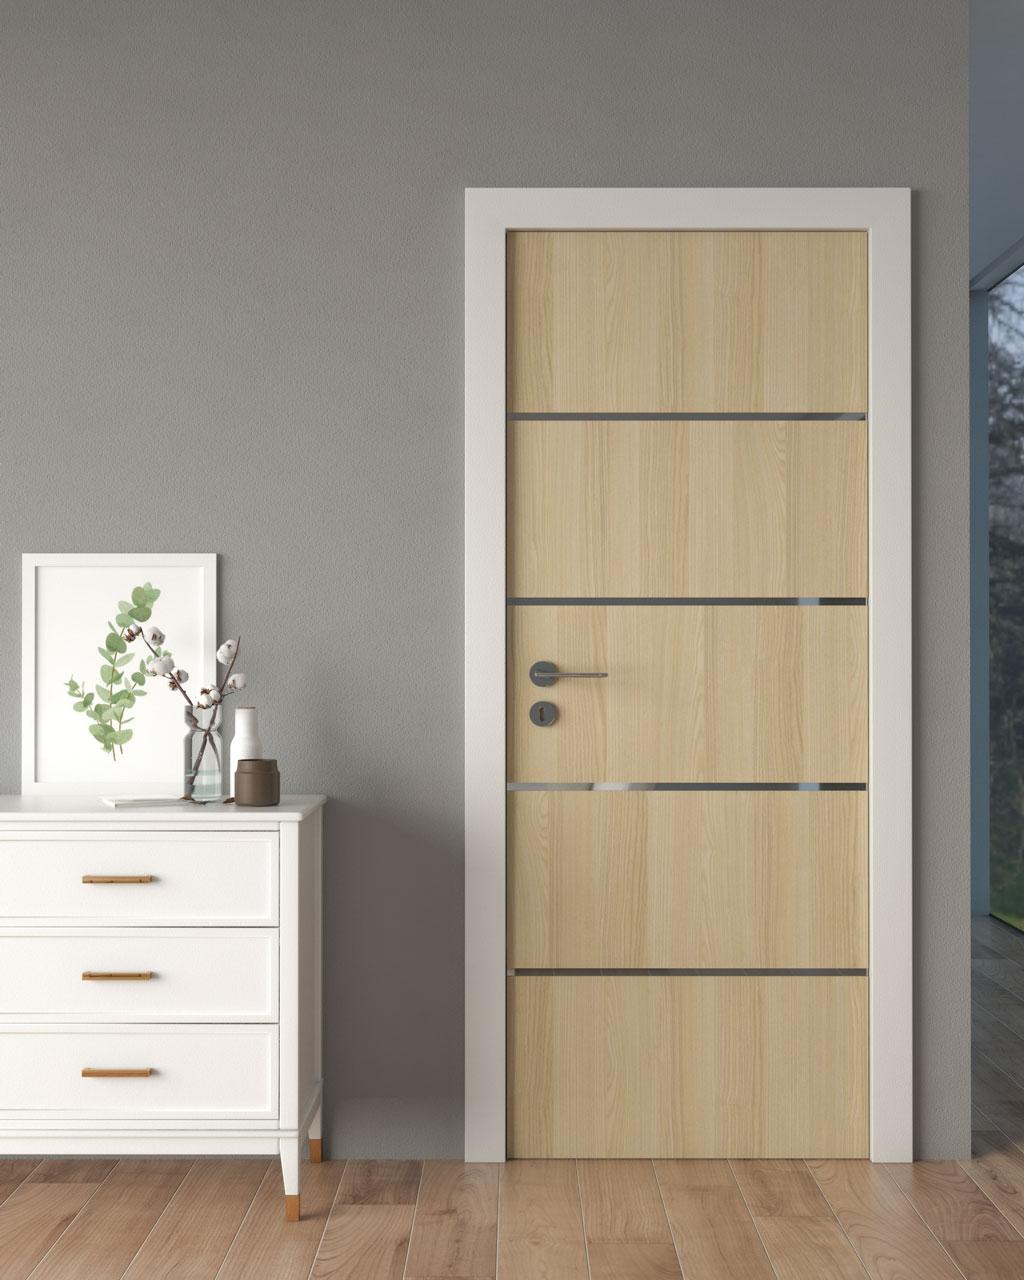 Light cream wooden door with grey walls